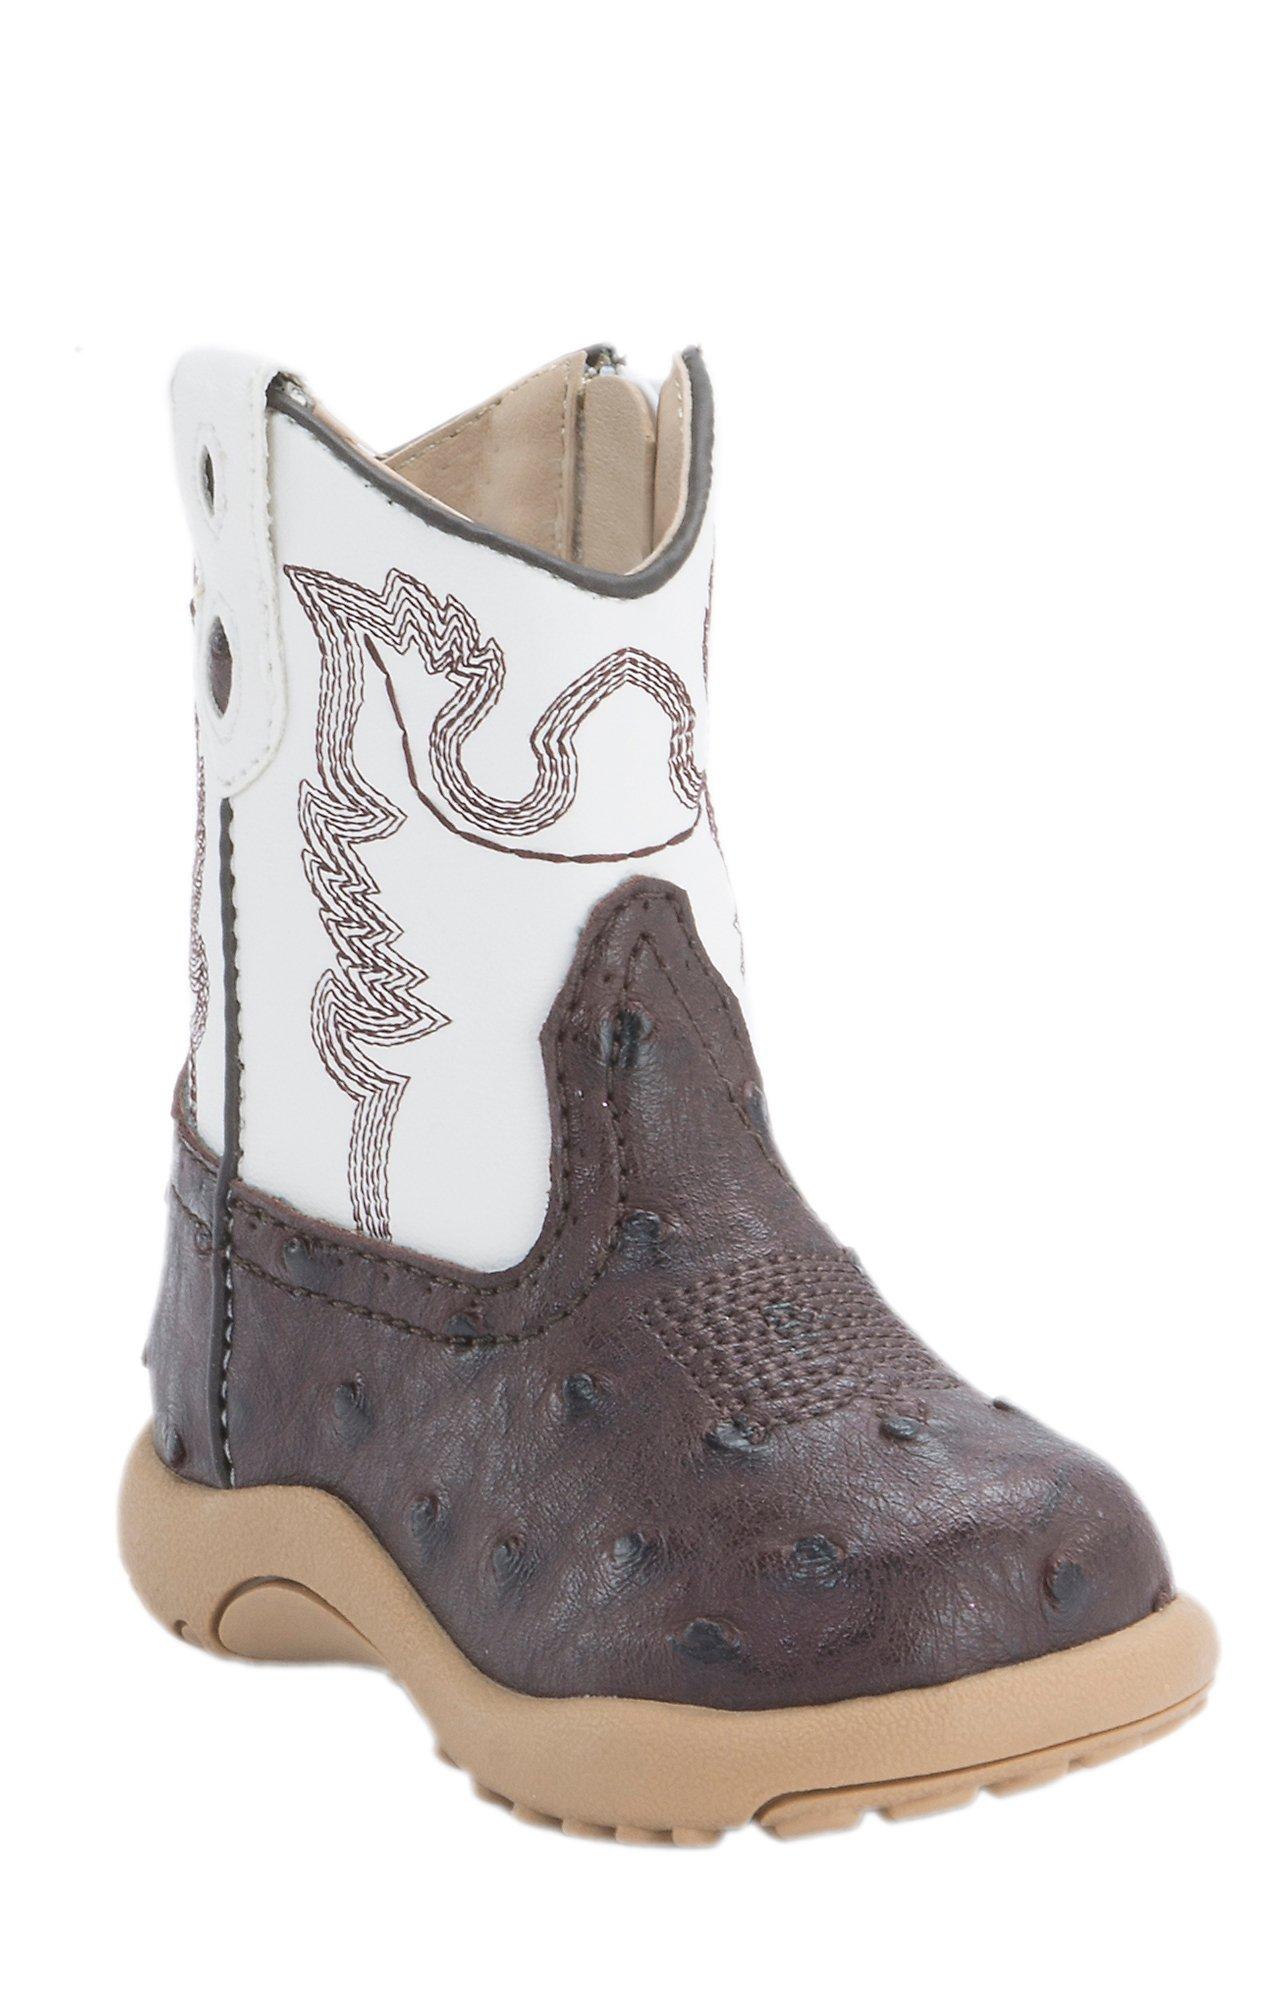 Infant & Toddler Western & Roper Boots | Cavender's